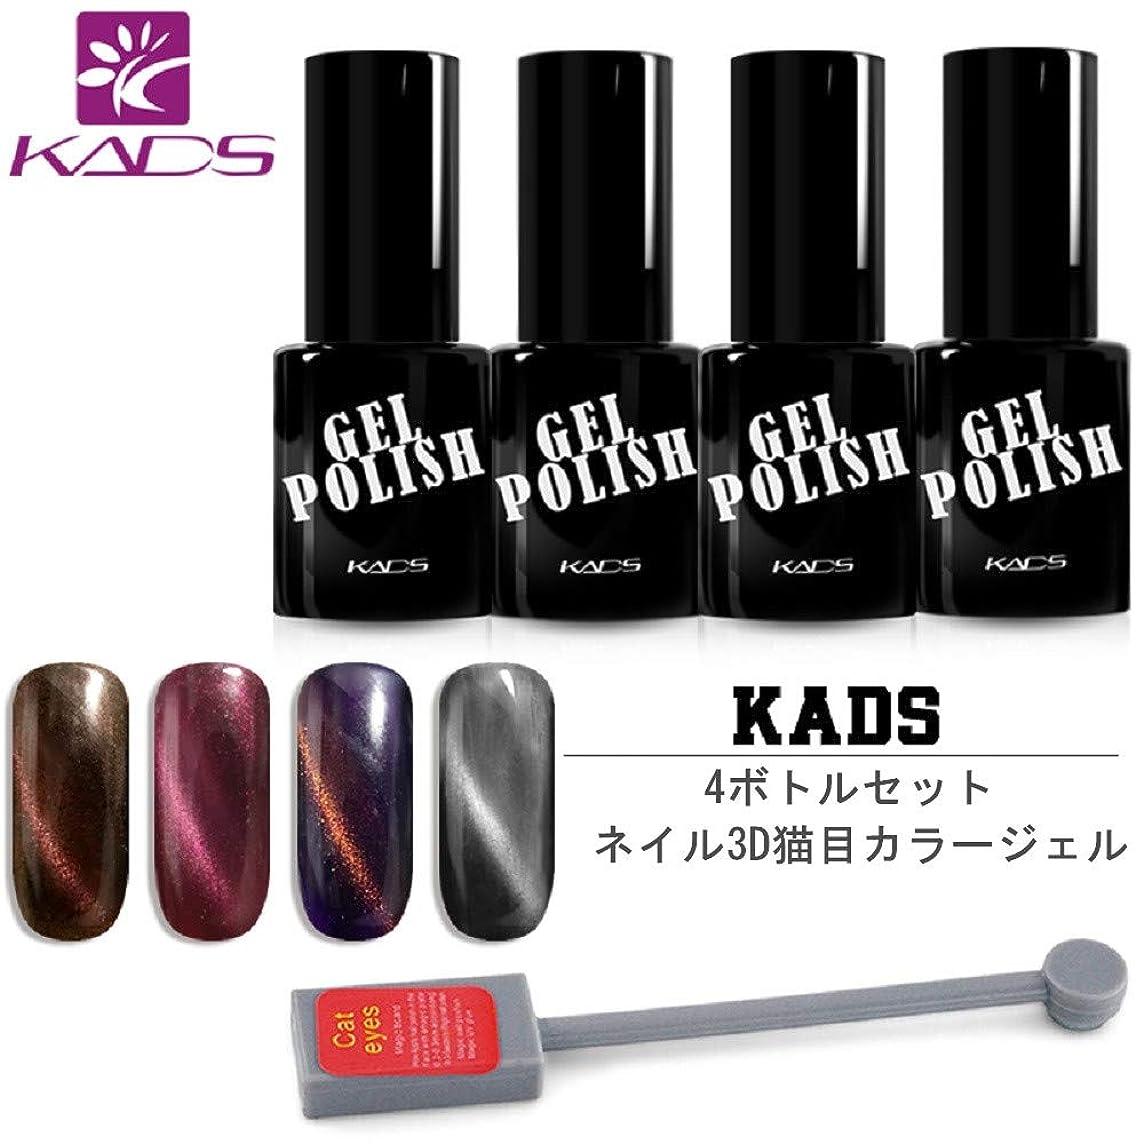 届ける特定の速記KADS キャッツアイジェル ジェルネイルカラーポリッシュ 4色セット 猫目 UV/LED対応 マグネット 磁石付き マニキュアセット (セット1)